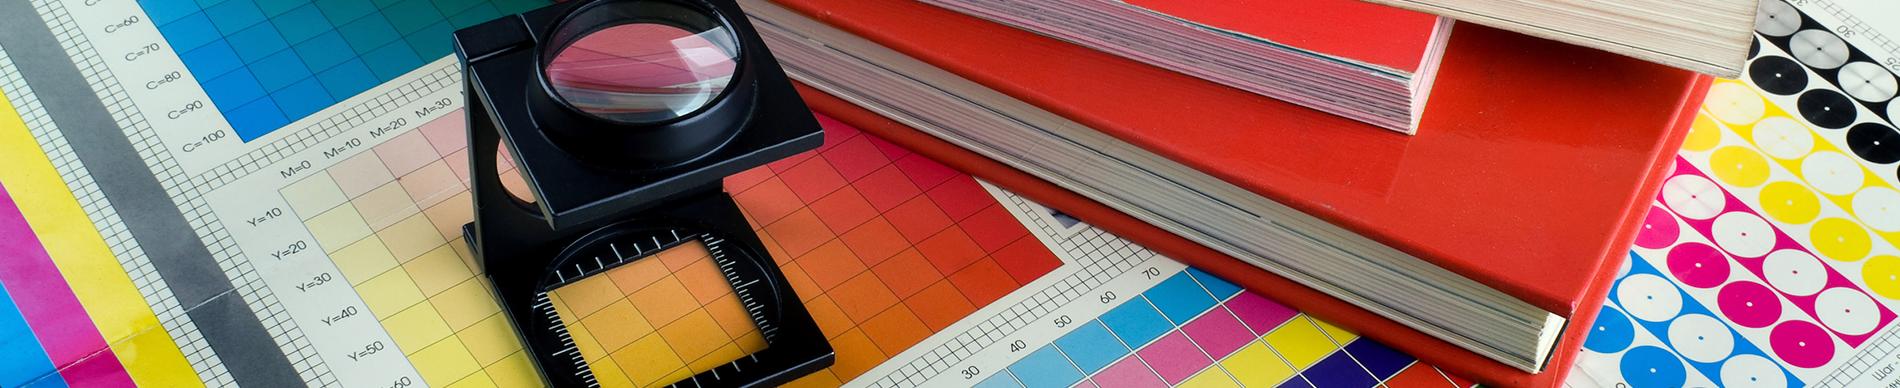 Impresiones a color y portadas de libros en Tubookdigital